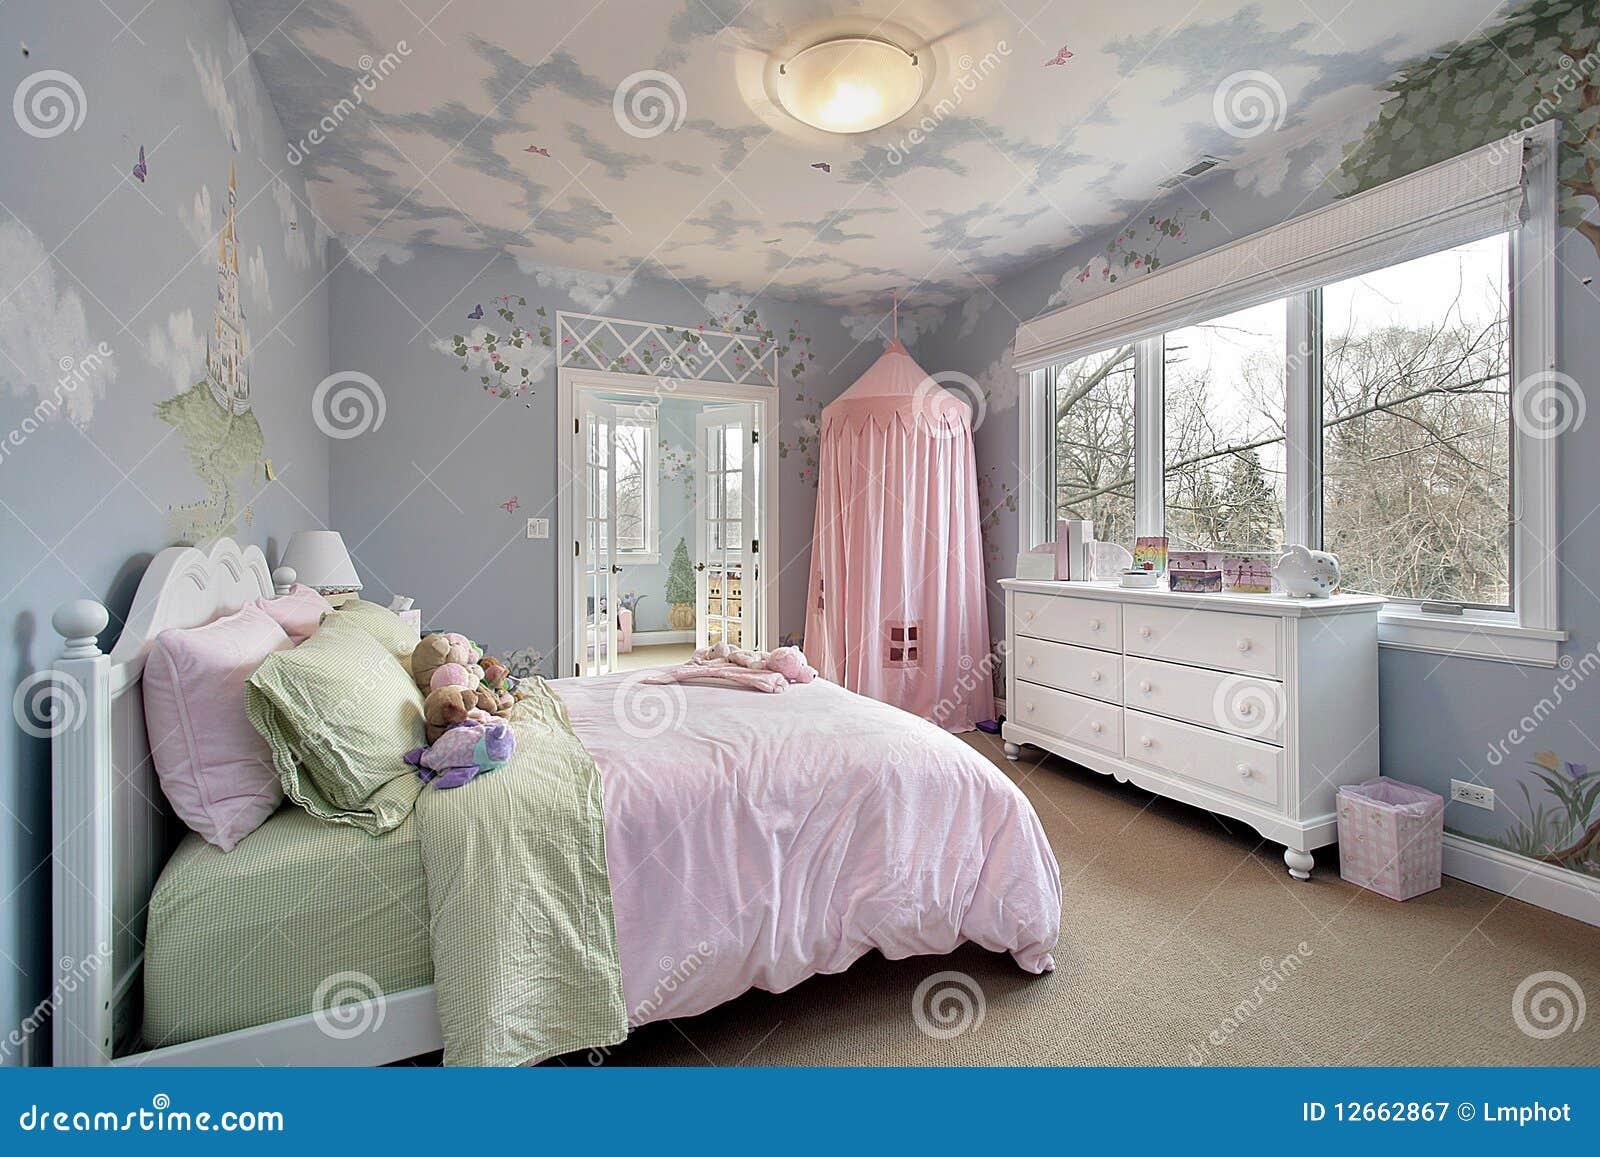 Camera da letto con i disegni della parete fotografia - Disegni parete camera da letto ...